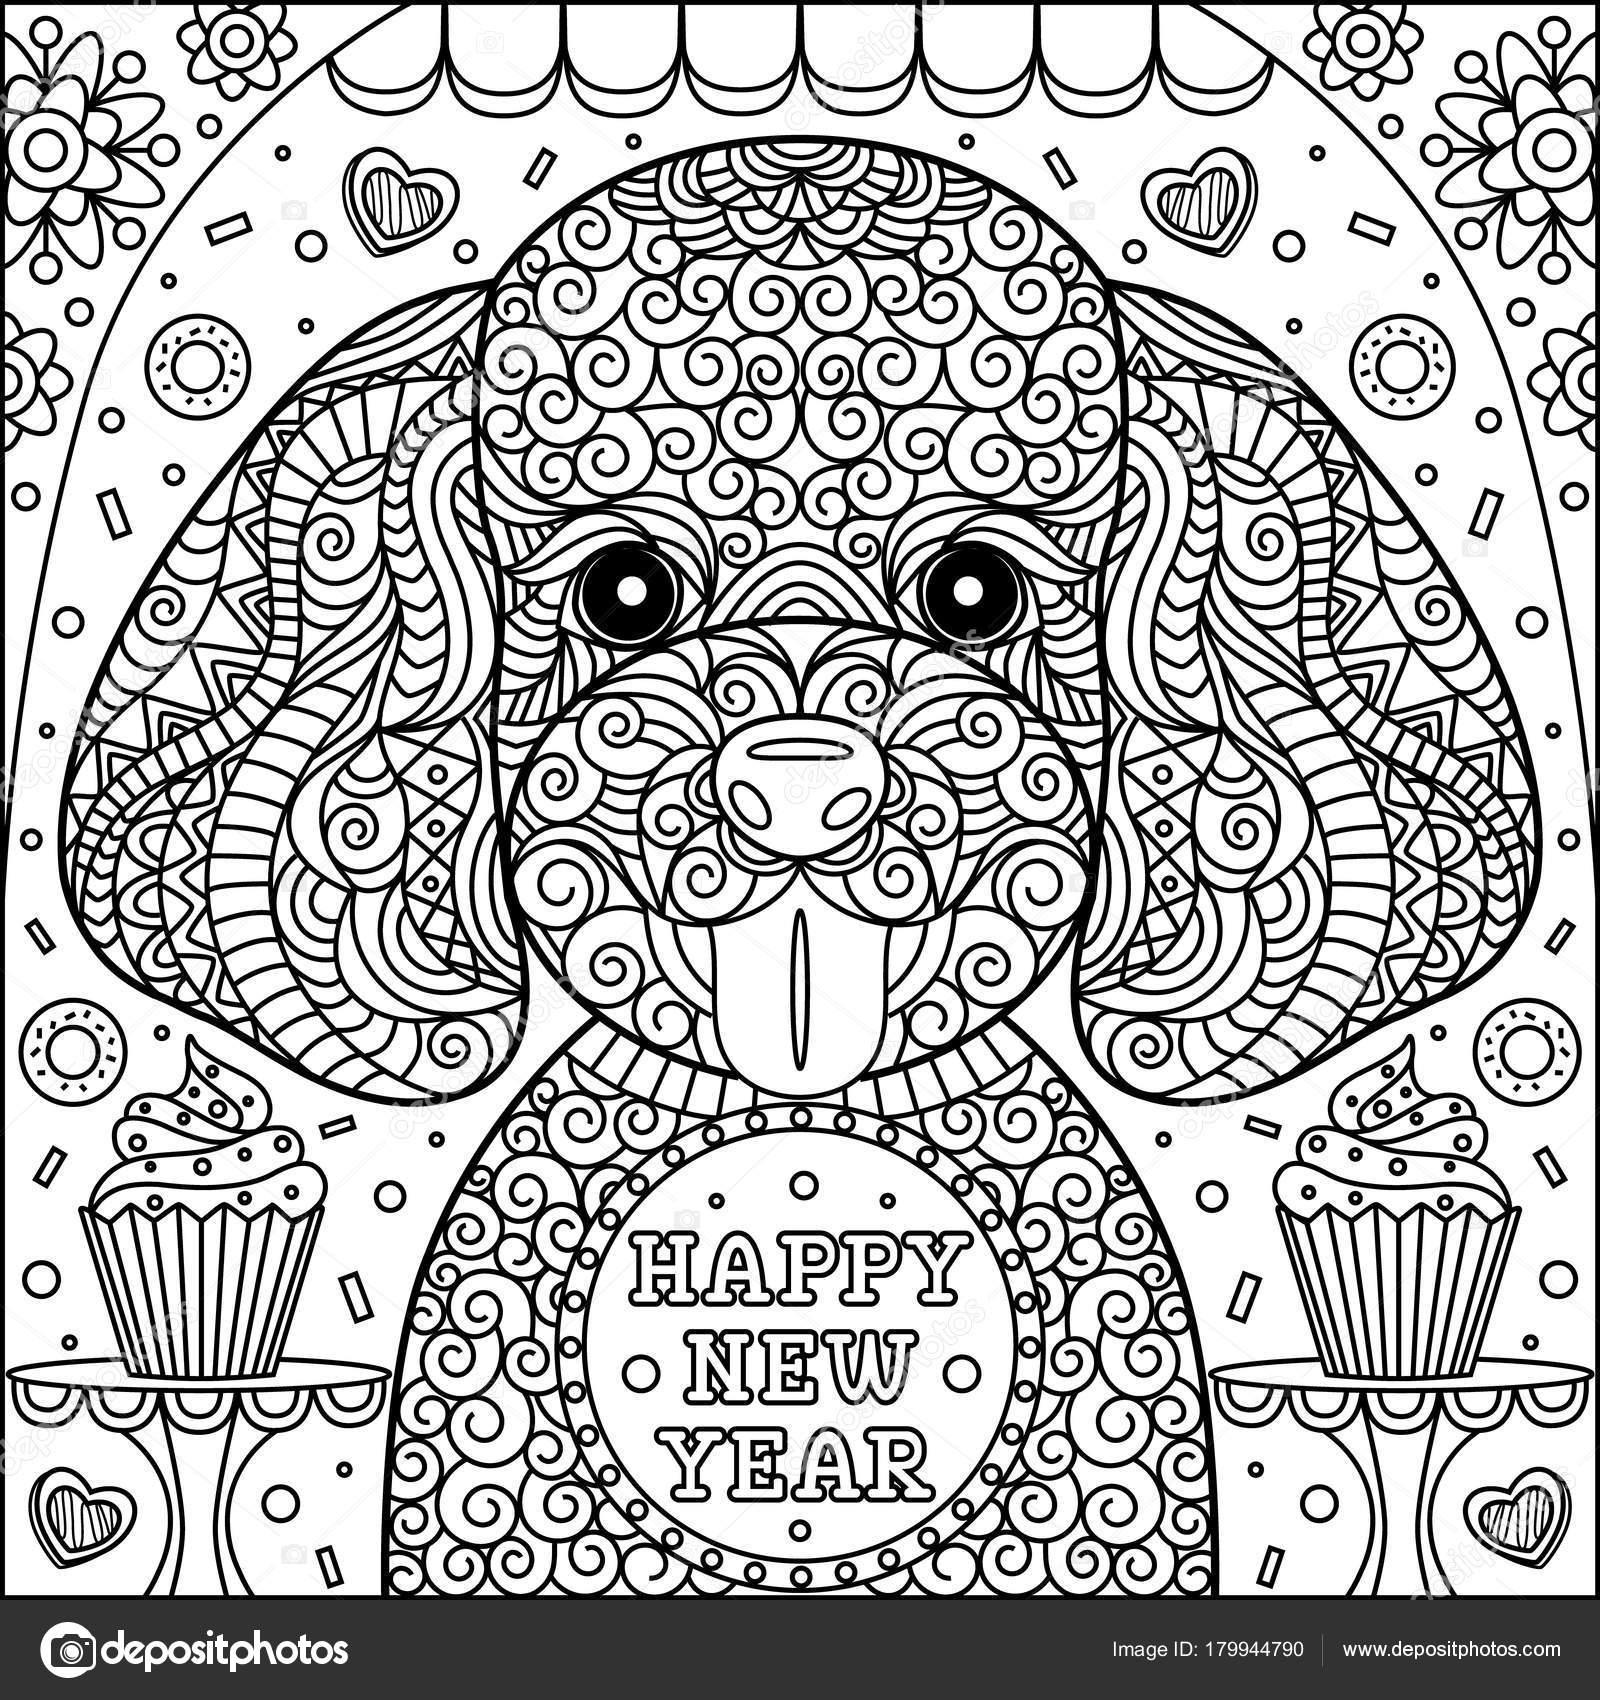 Kleurplaten Huisdier.Kleurplaat Voor Volwassenen Kinderen Hond Symbool Van Nieuwjaar